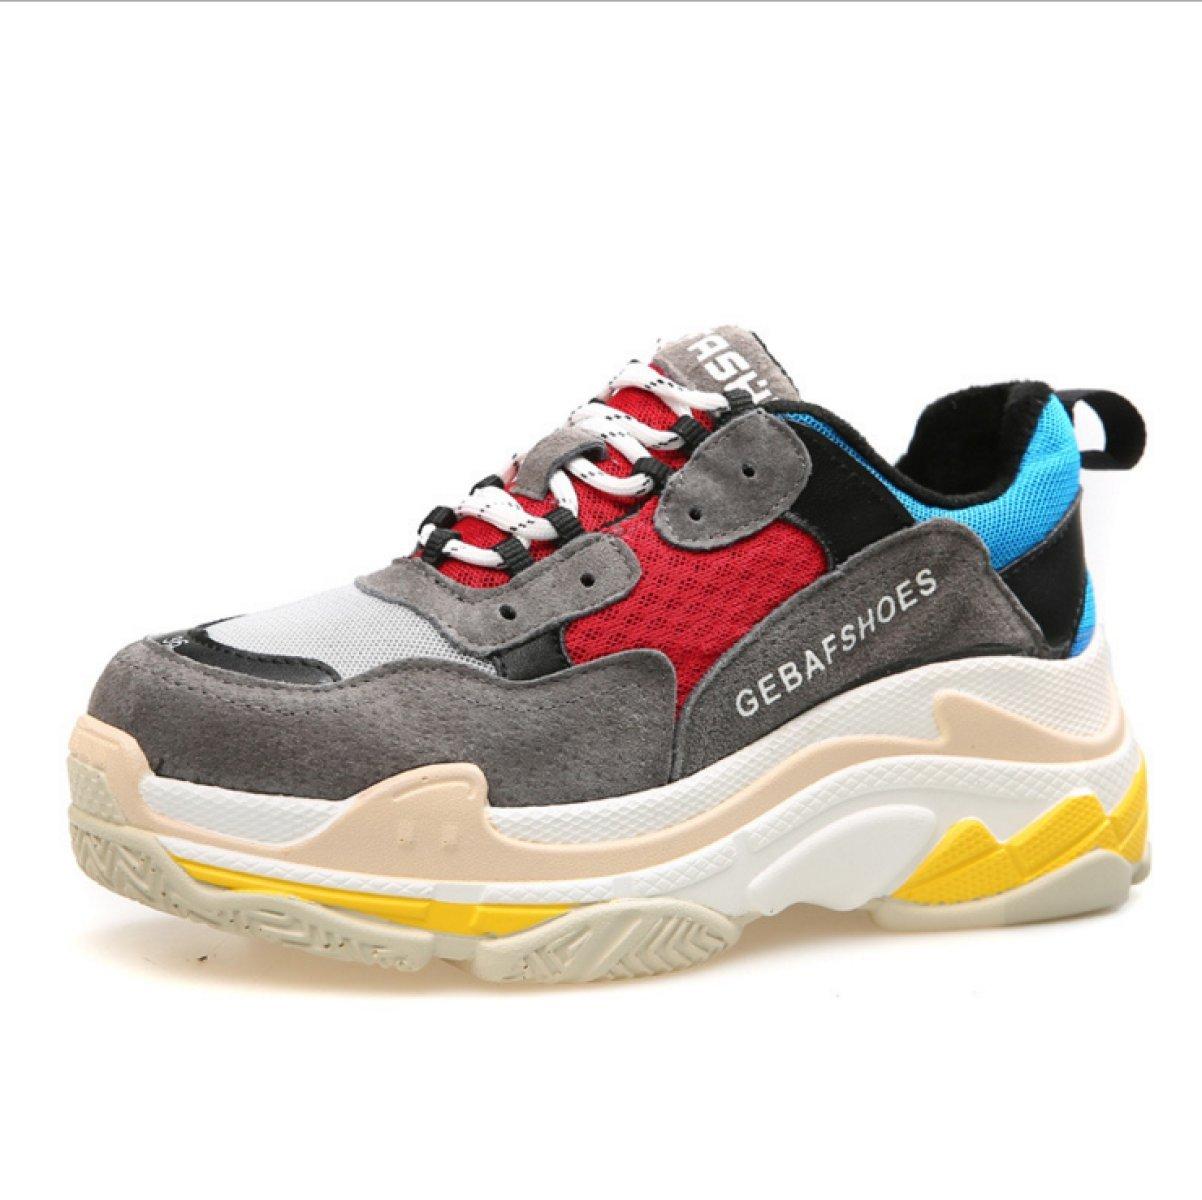 Yrps Zapatillas De Deporte Femeninas De La Primavera Zapatos Casuales Salvajes De La Muchacha Zapatillas De Deporte De La Moda 36 EU|C